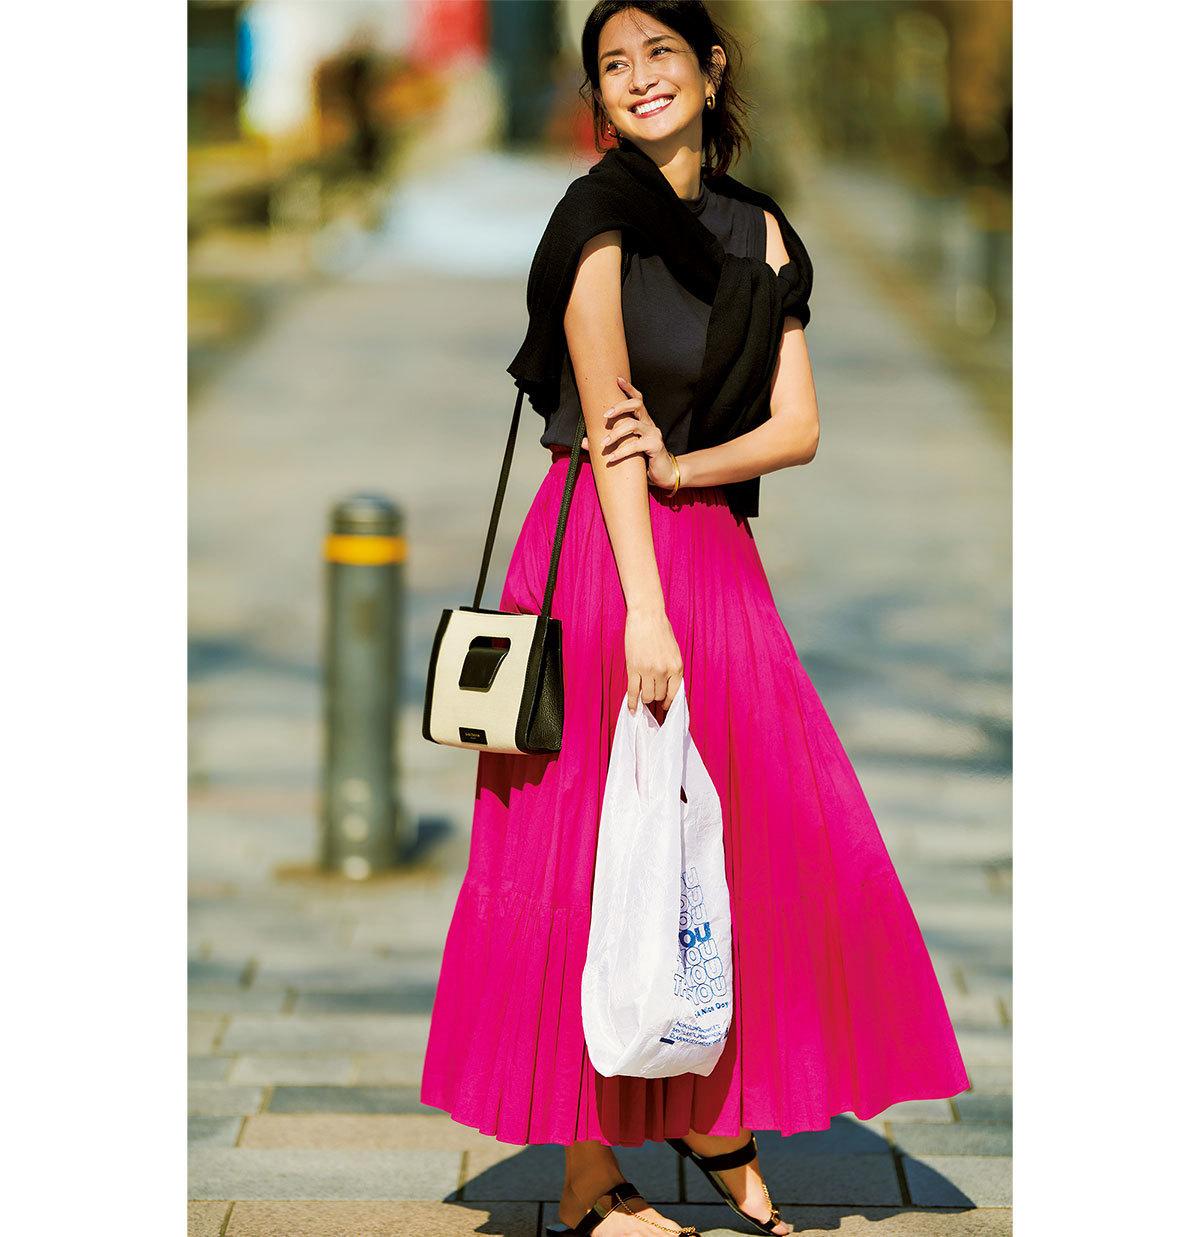 ノースリーブシャツ×ピンクのロングスカートコーデ